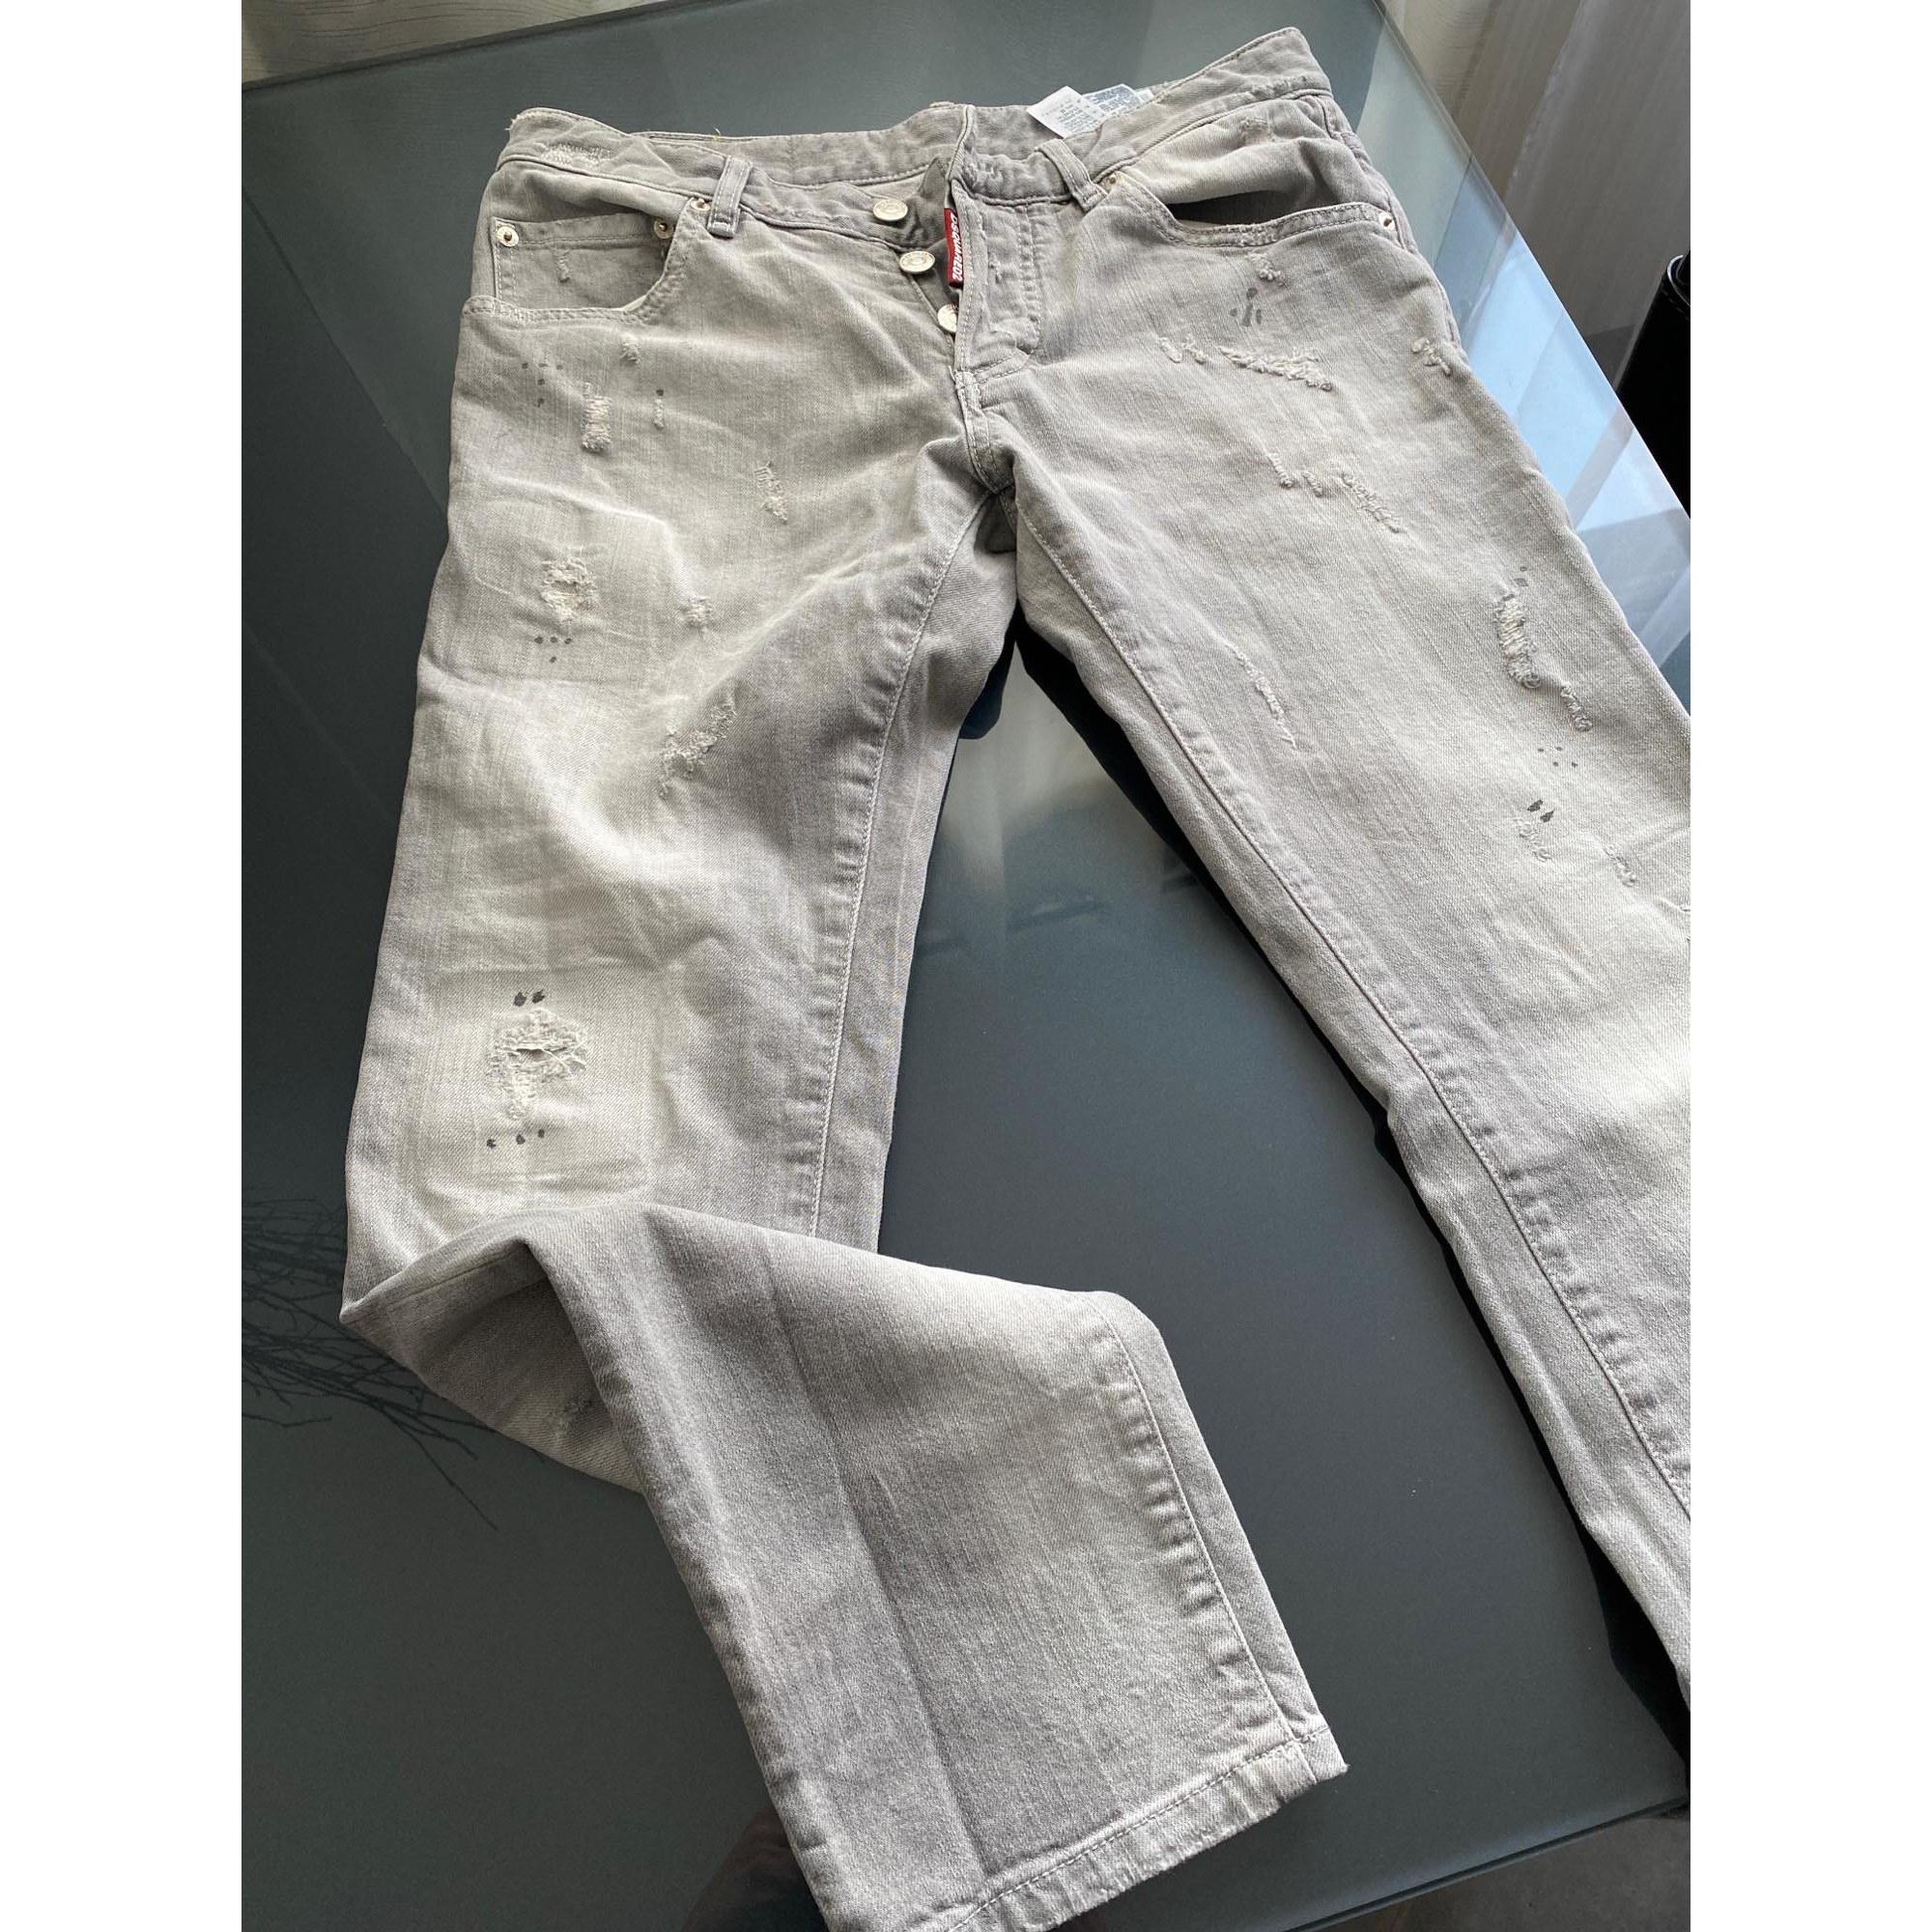 Jeans droit DSQUARED2 Gris, anthracite